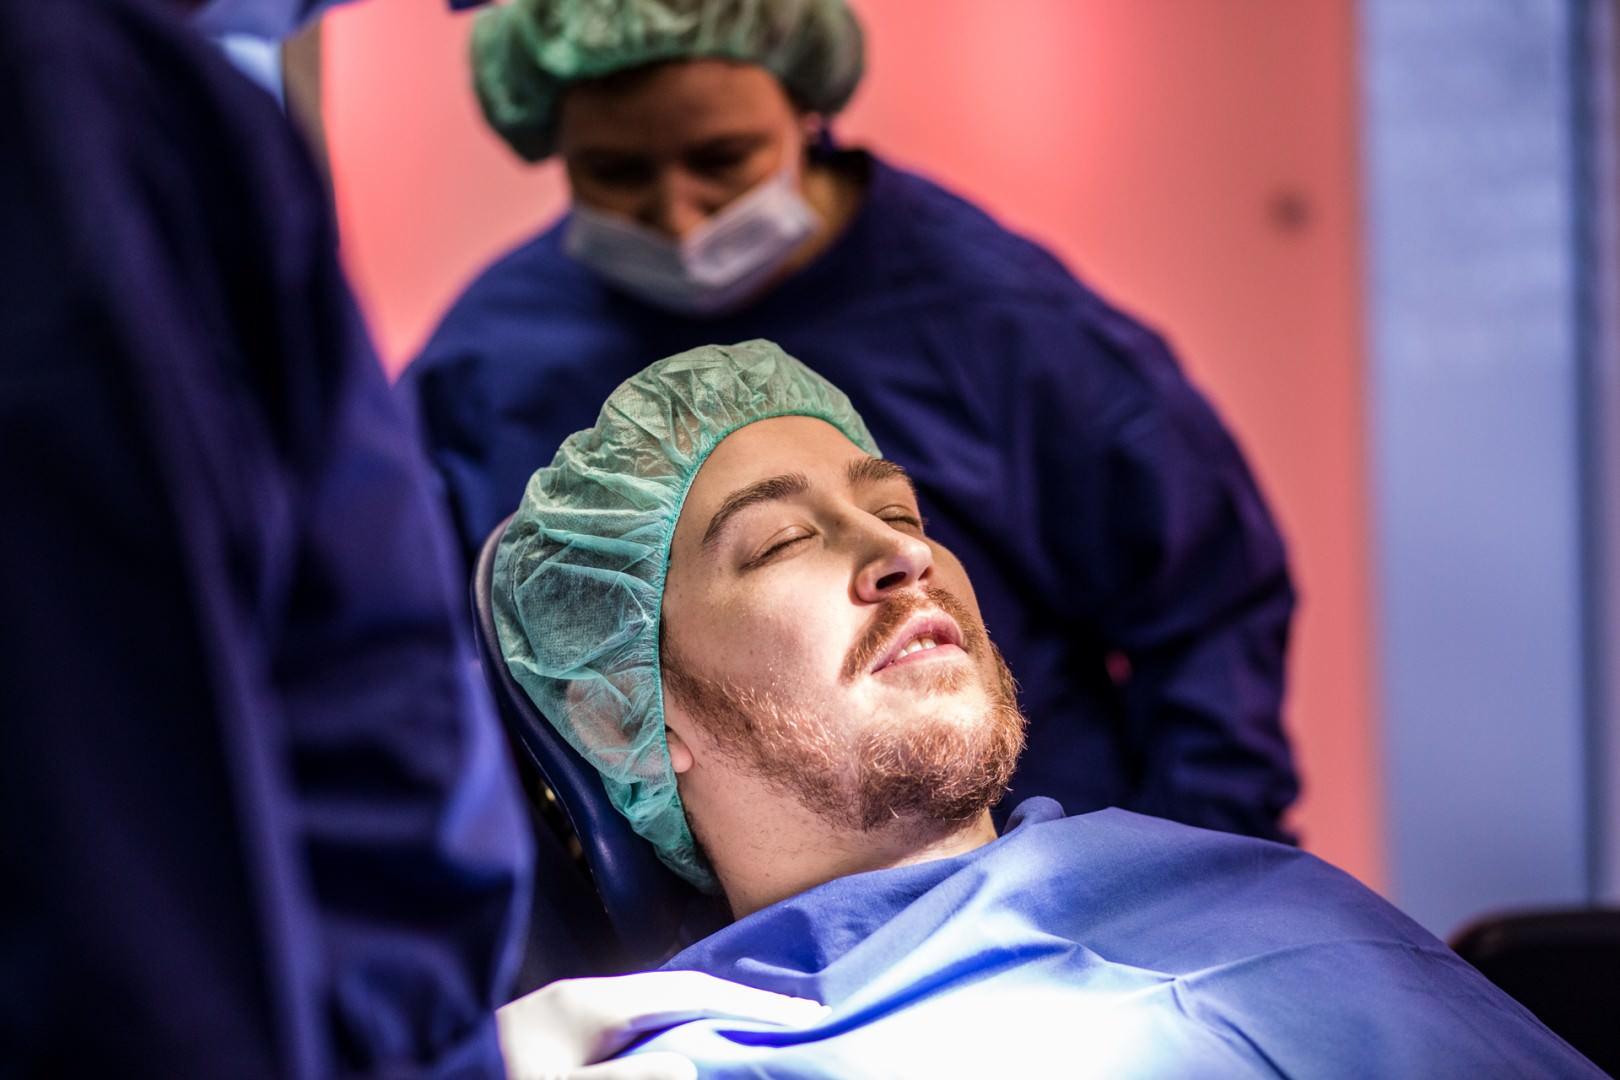 Zahnkultur Köln: Patient im OP